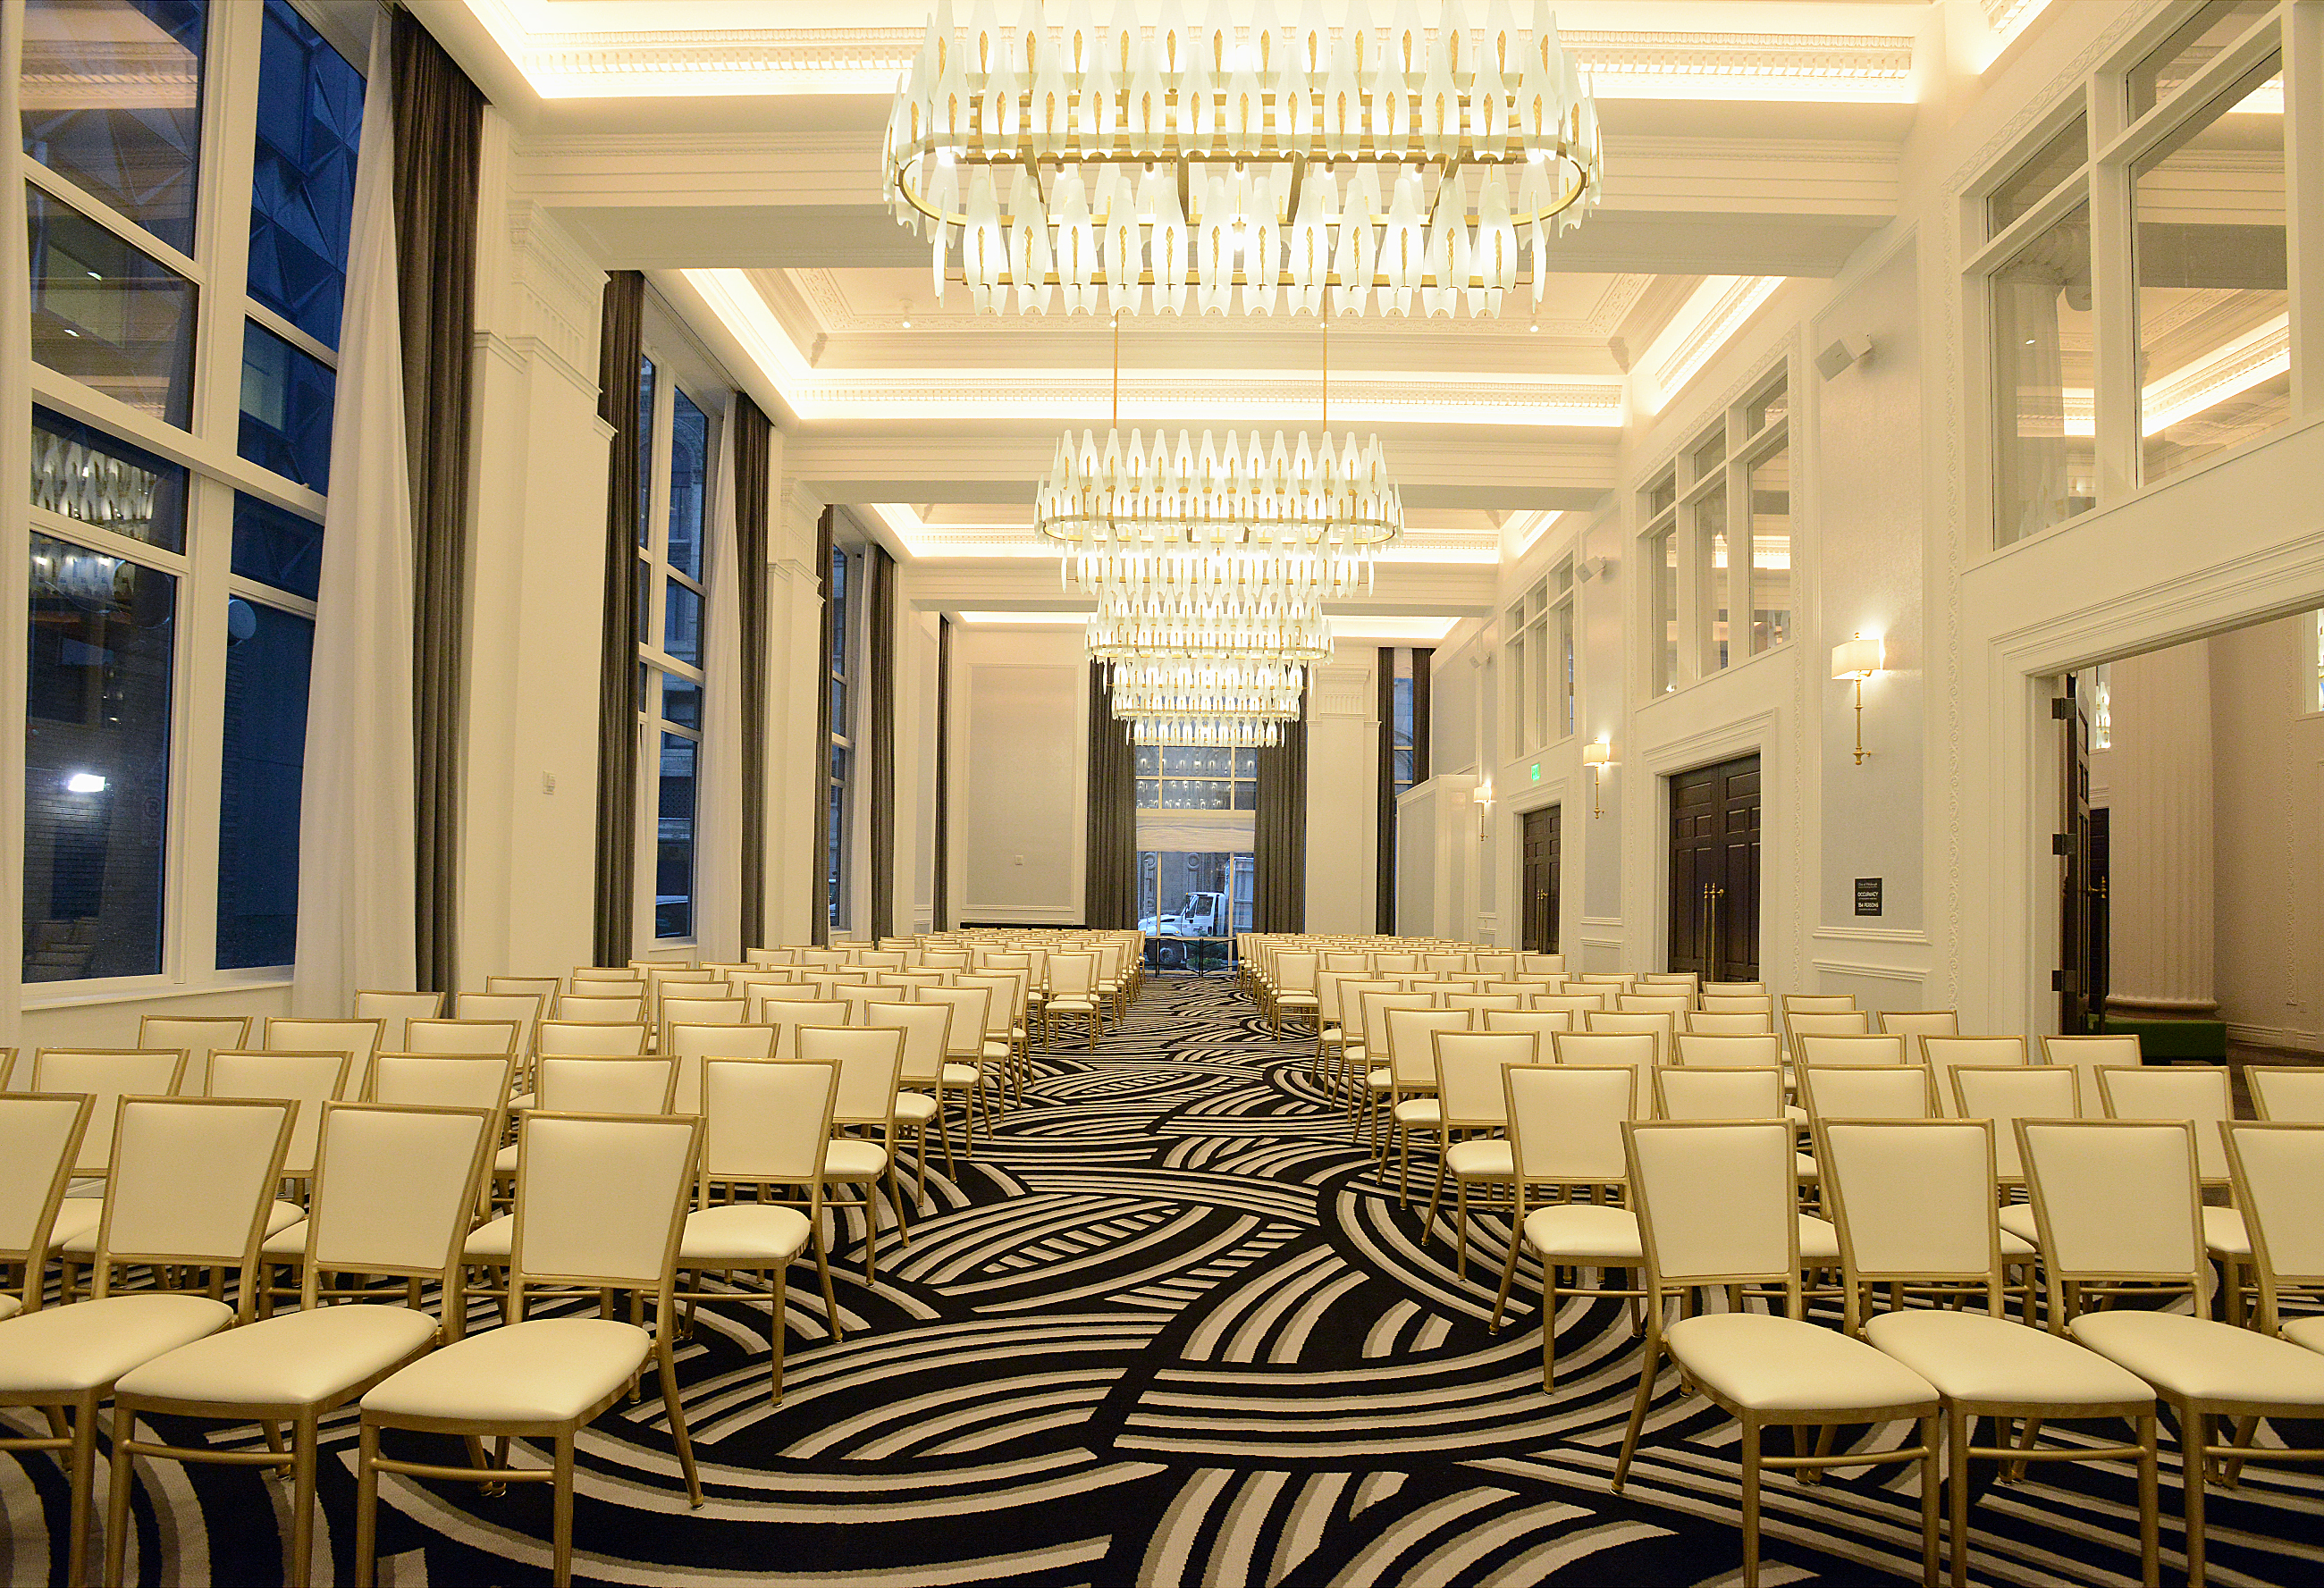 Hotel Monaco comes with a colorful twist and a unique design ...